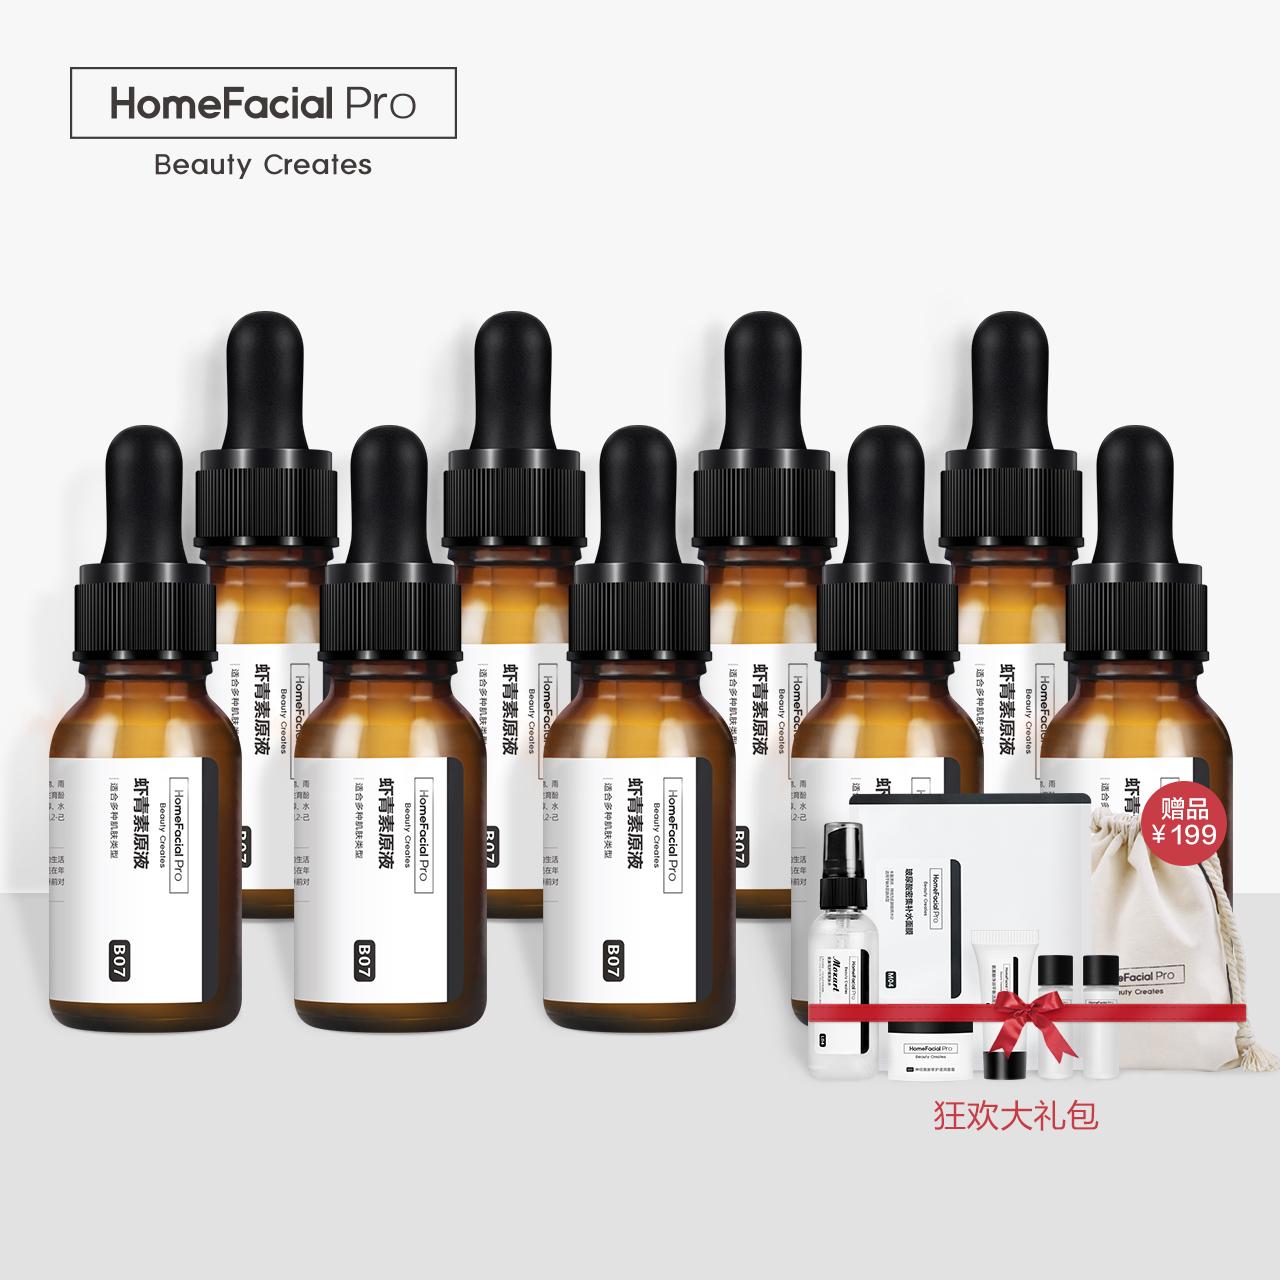 【王一博同款】HFP虾青素原液9瓶装 抗氧化紧致保湿面部精华液